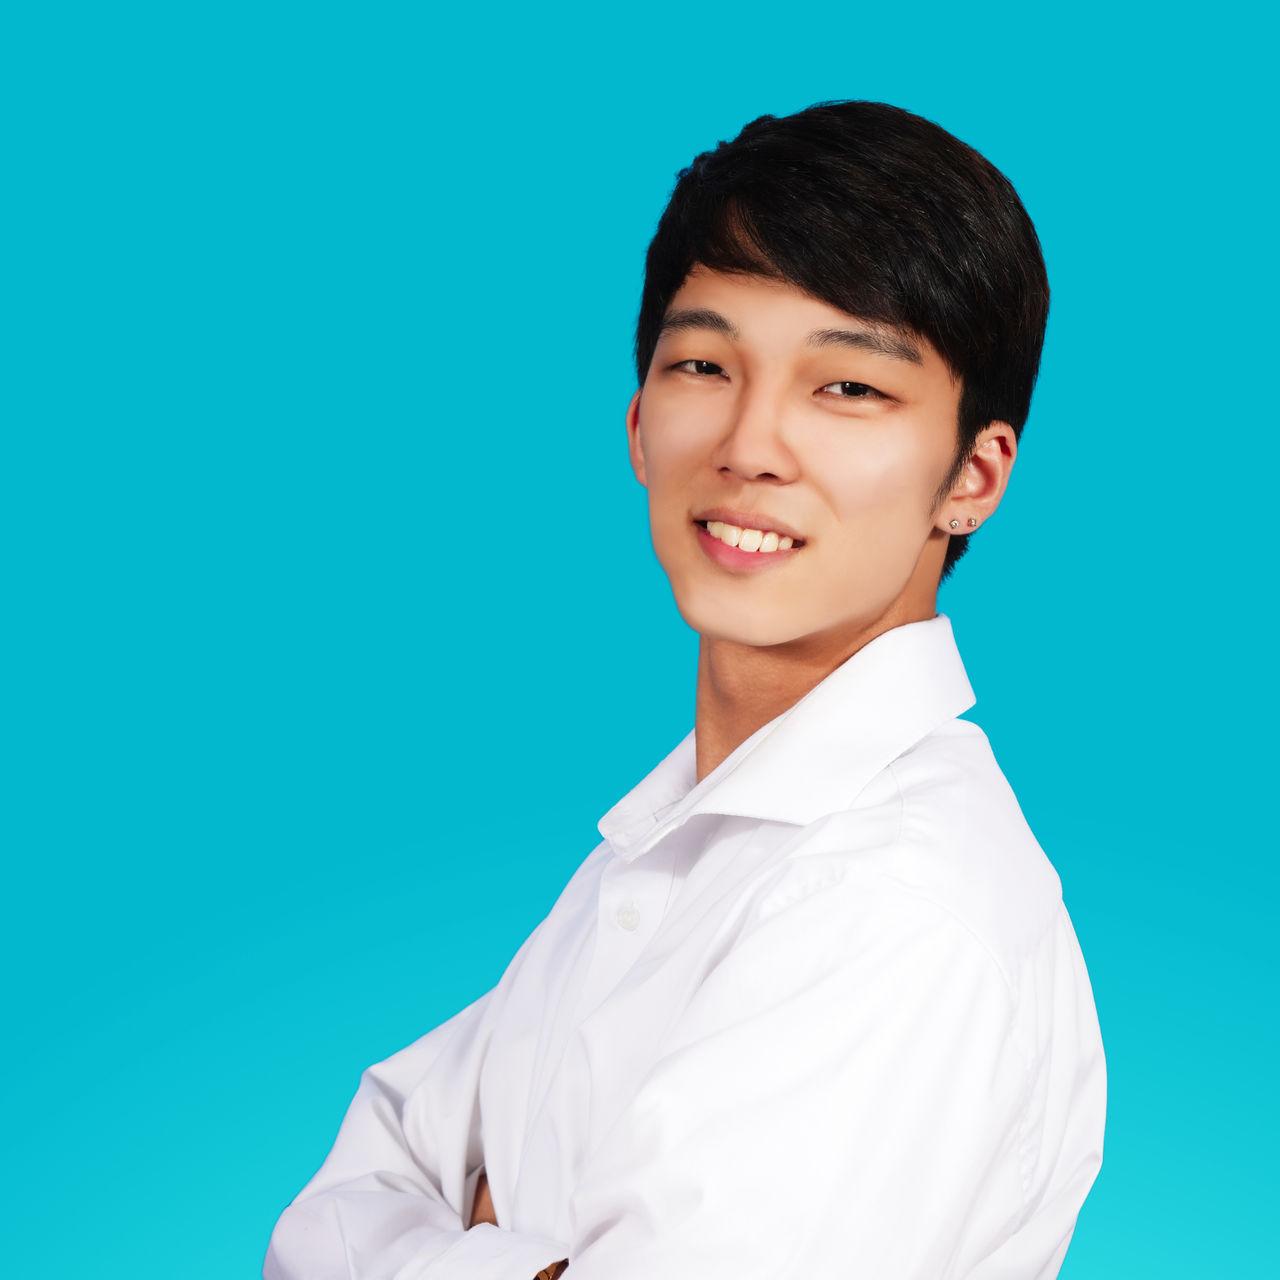 <b>Kim Doung Gyu</b><br>Lead Fundraiser<br>